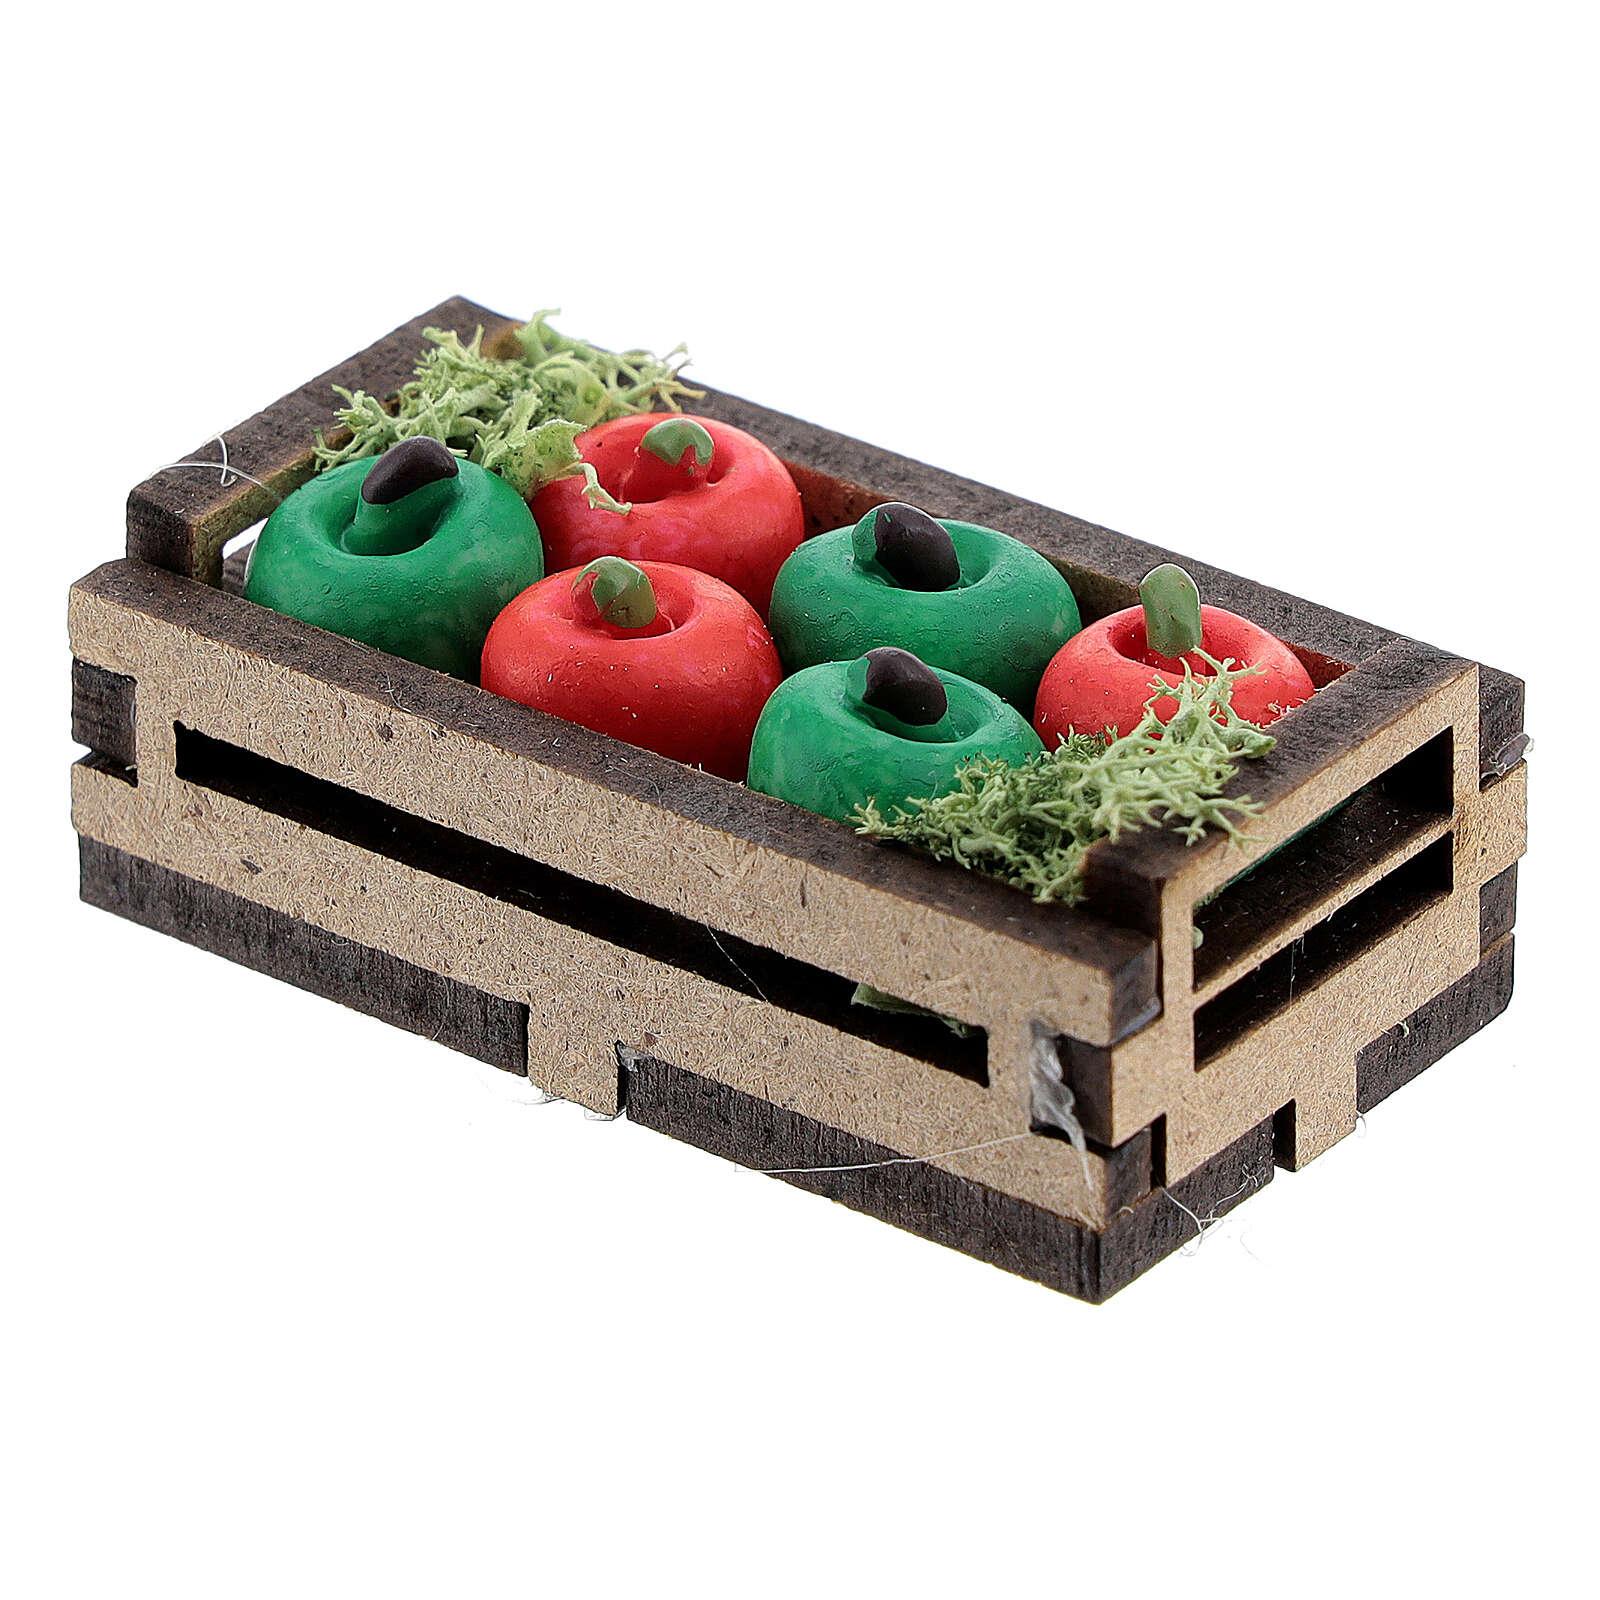 Apples in box Nativity scene 12-14 cm 4